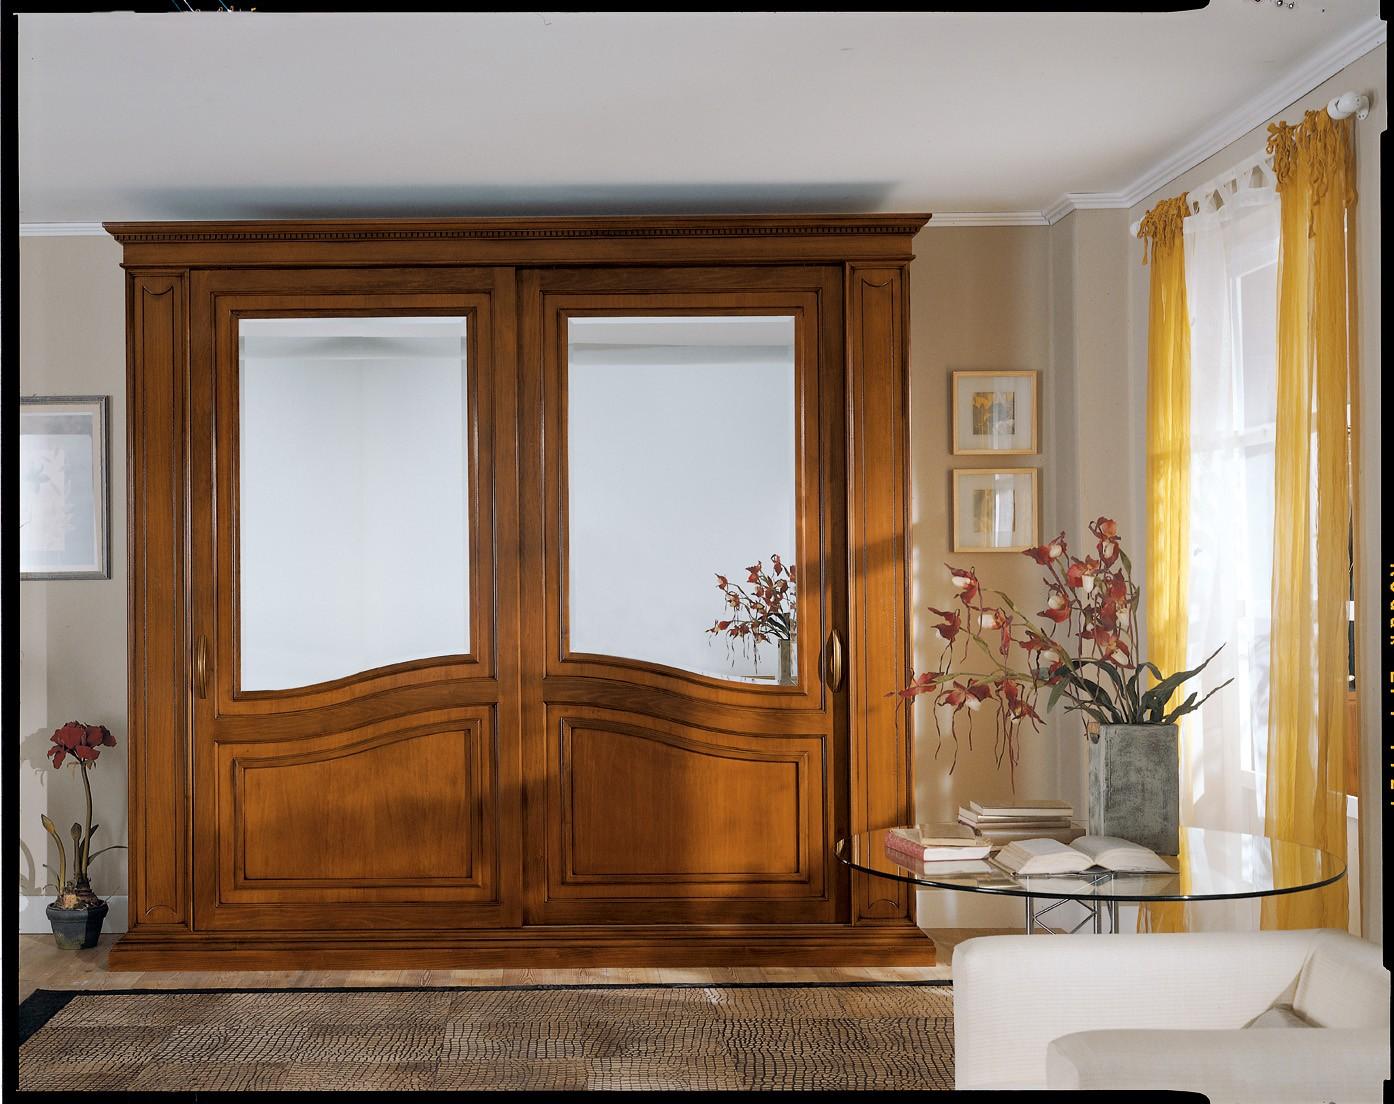 Armadio Ante Scorrevoli Ciliegio.Armadio Camera Ante Scorrevoli Con Specchio Legno Masselloartigianale